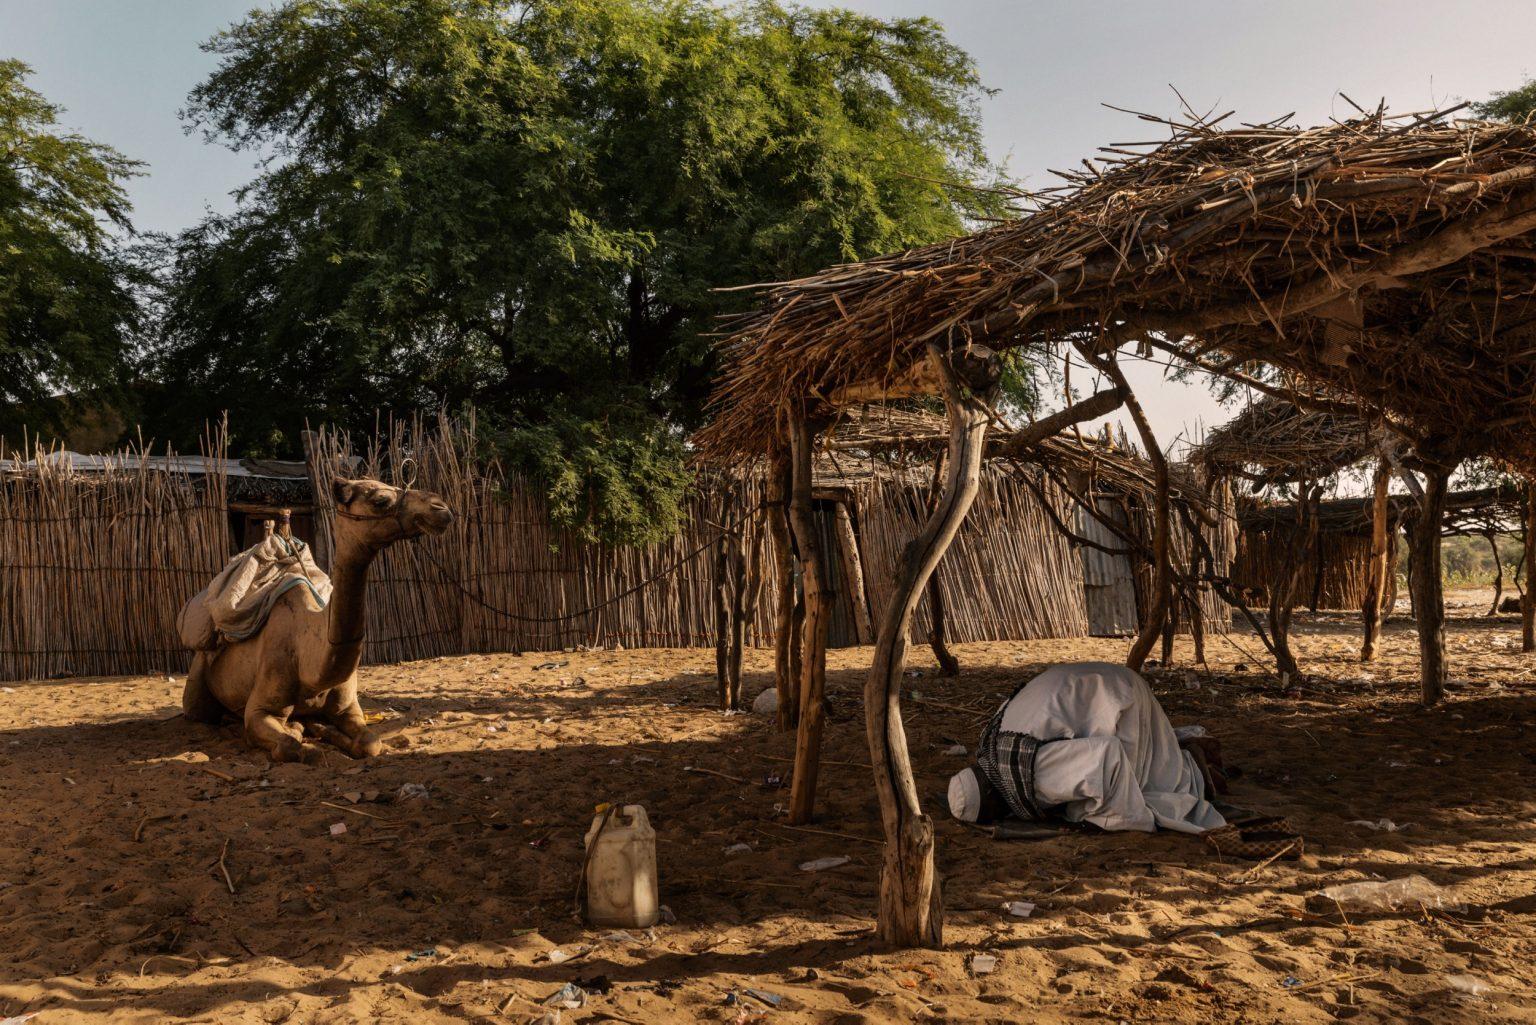 Africa, Chad, Melea, October 2018 - A Kanembou camel caravan driver prays the Maghrib, the sunset prayer. Lake Chad is the principal life source of the Sahel, a semiarid strip that spans the width of Africa and separates the Sahara, in the North, from the savanna, in the South. About a hundred million people live there. For  two decades, the entire region was struck by drought and famine. >< Africa, Ciad, Melea, Ottobre 2018 - Un conducente di una carovana (di cammelli) recita il Maghrib, la preghiera del tramonto. Il Lago Ciad è la principale risorsa vitale del Sahel, una striscia di terra semiarida, che copre l'Africa in larghezza, e separa il Sahara, a nord, e la savana, a sud. Circa cento milioni di persone vivono là. Per due decadi l'intera regione è stata colpita dalla carestia e dalla siccità.*** SPECIAL   FEE   APPLIES *** *** Local Caption *** 01362897